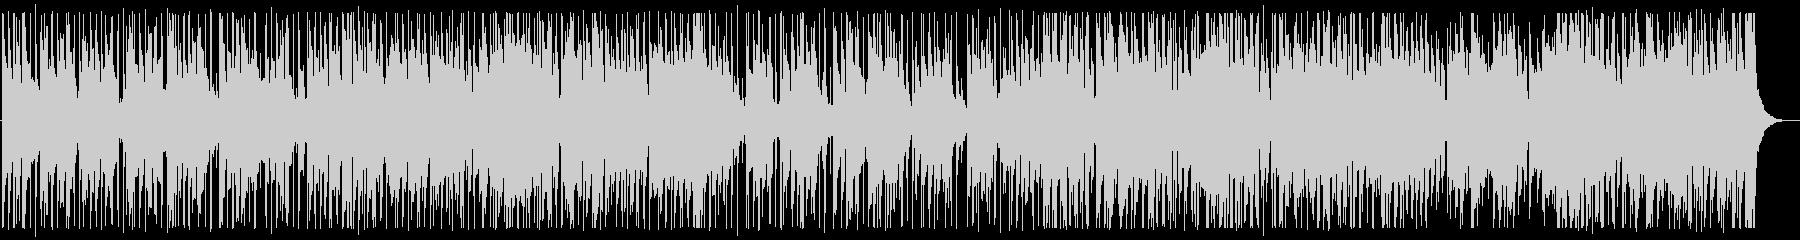 涼しげな夏のカフェBGM_No584_1の未再生の波形